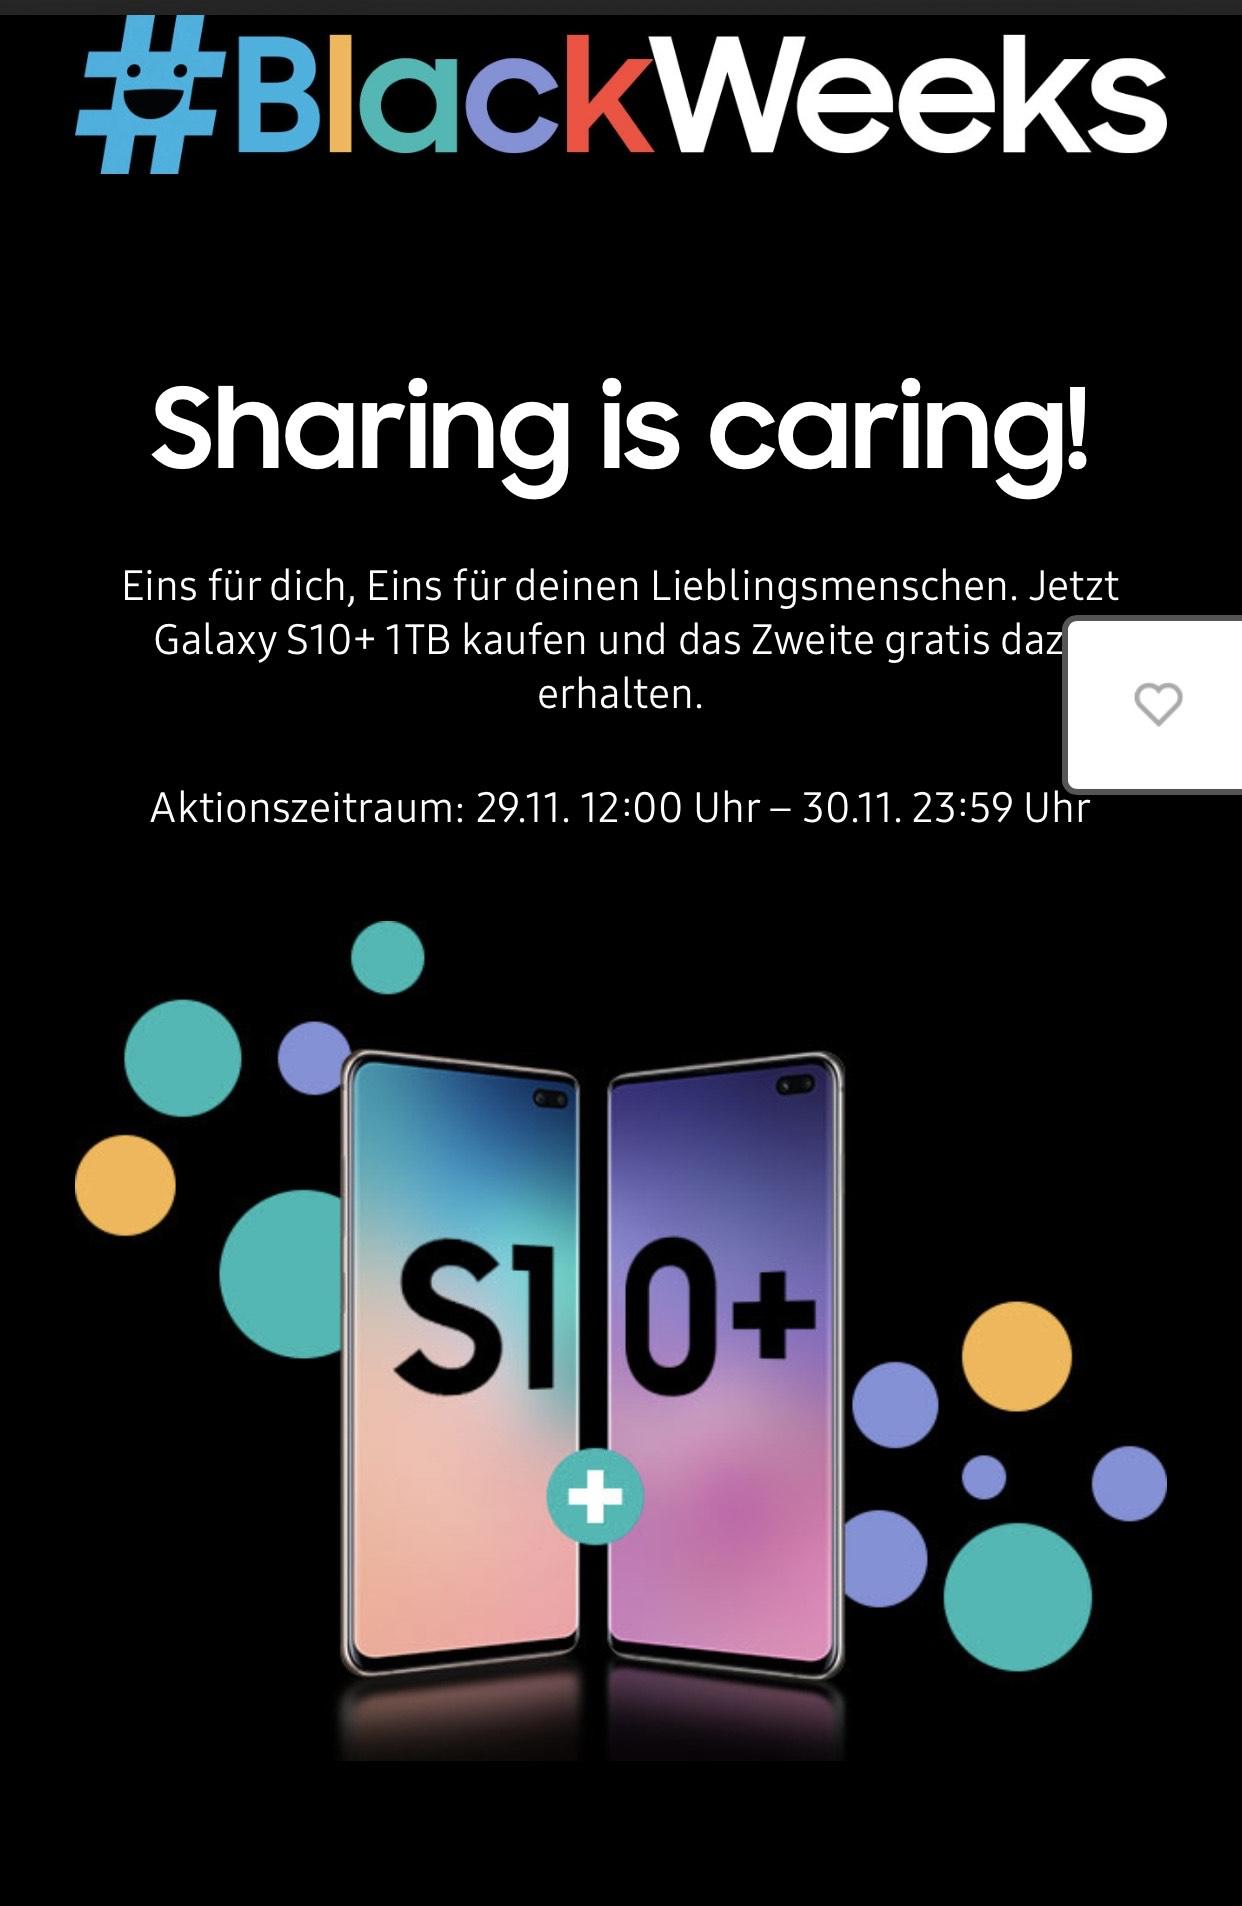 2x Samsung Galaxy S10+ 1TB 12GB RAM